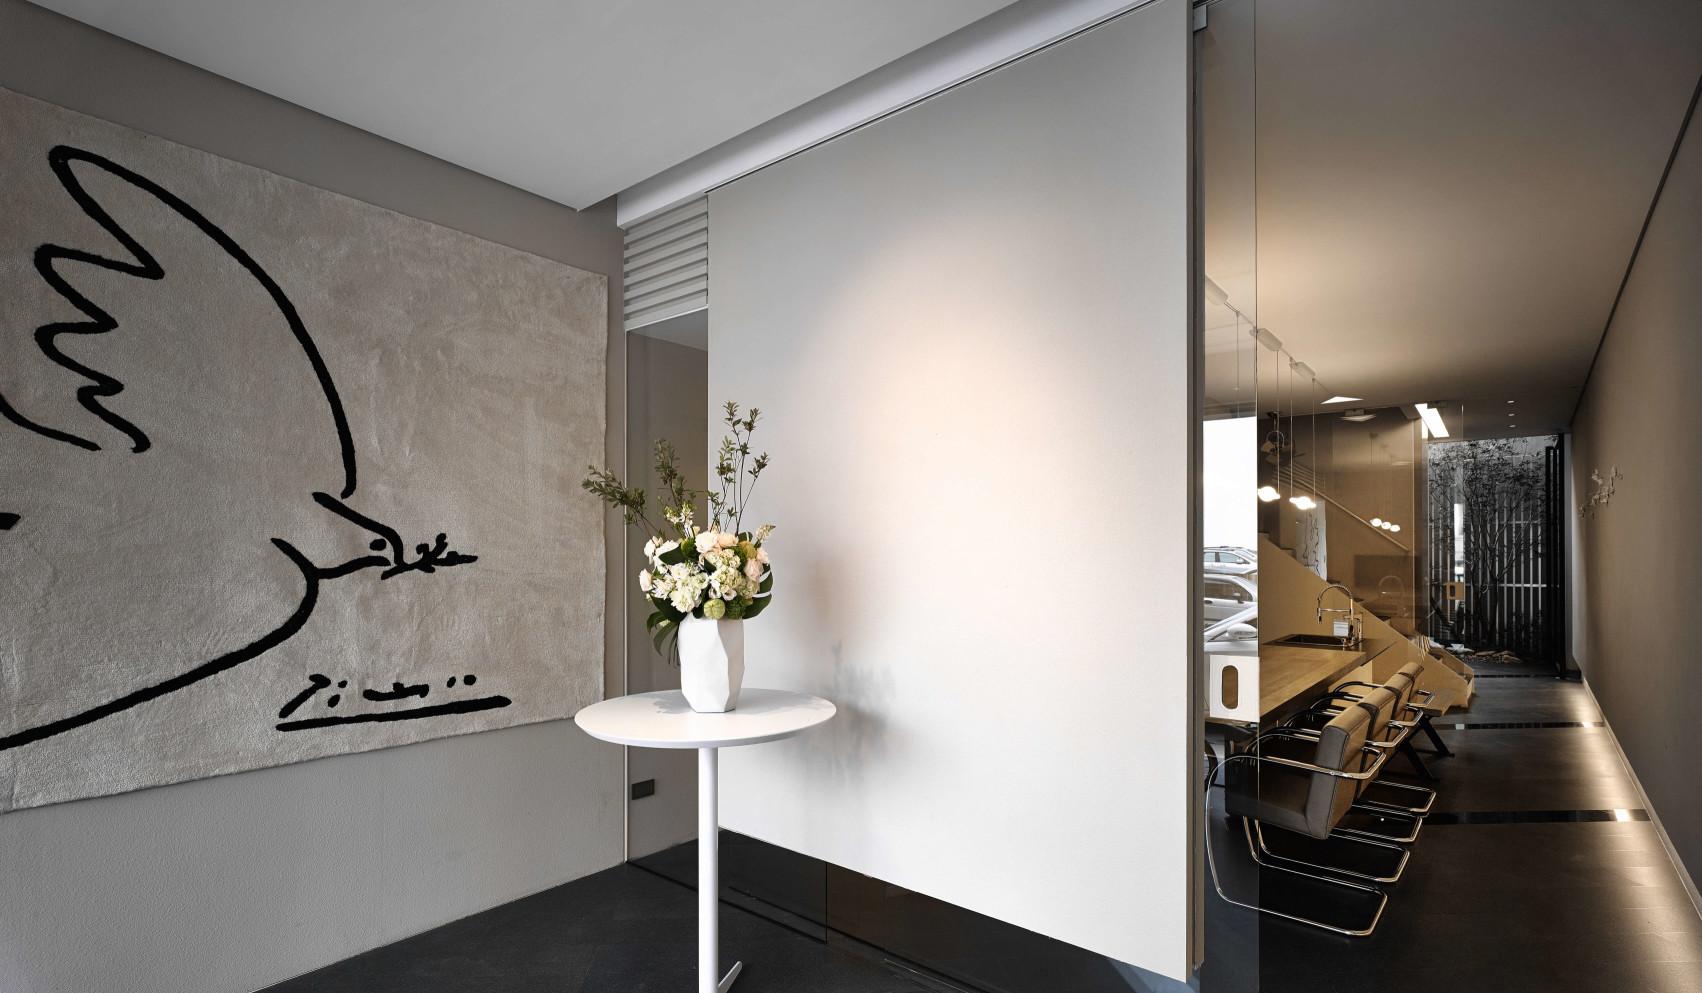 2016 台灣室內設計大獎 TID獎3-分子室內裝修設計